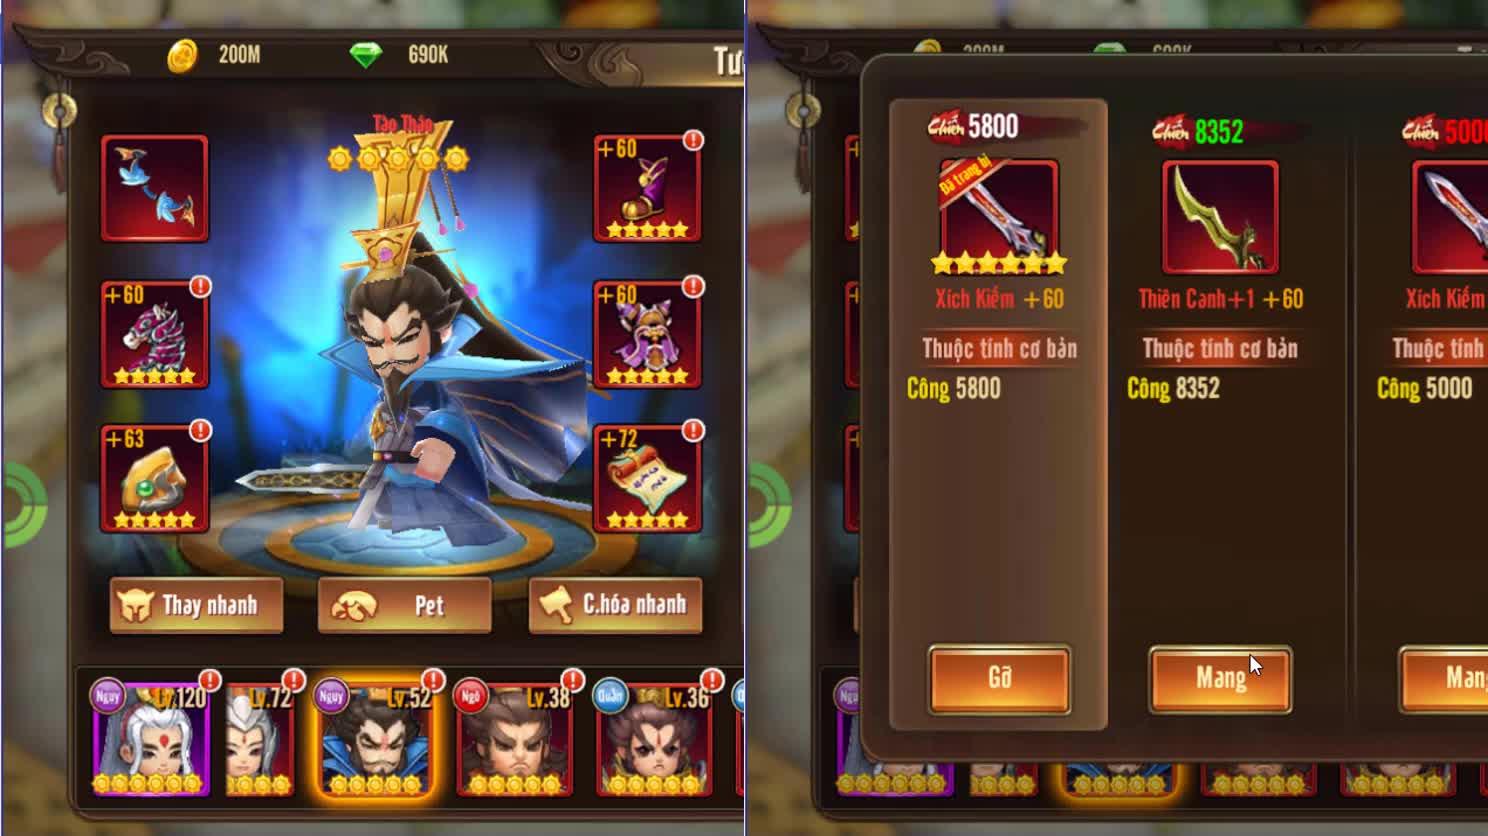 """Chỉ bằng một tính năng mới, Quan Vũ hay Lữ Bố trong game tự nhiên trông """"lực"""" hơn hẳn thế này đây - ảnh 9"""